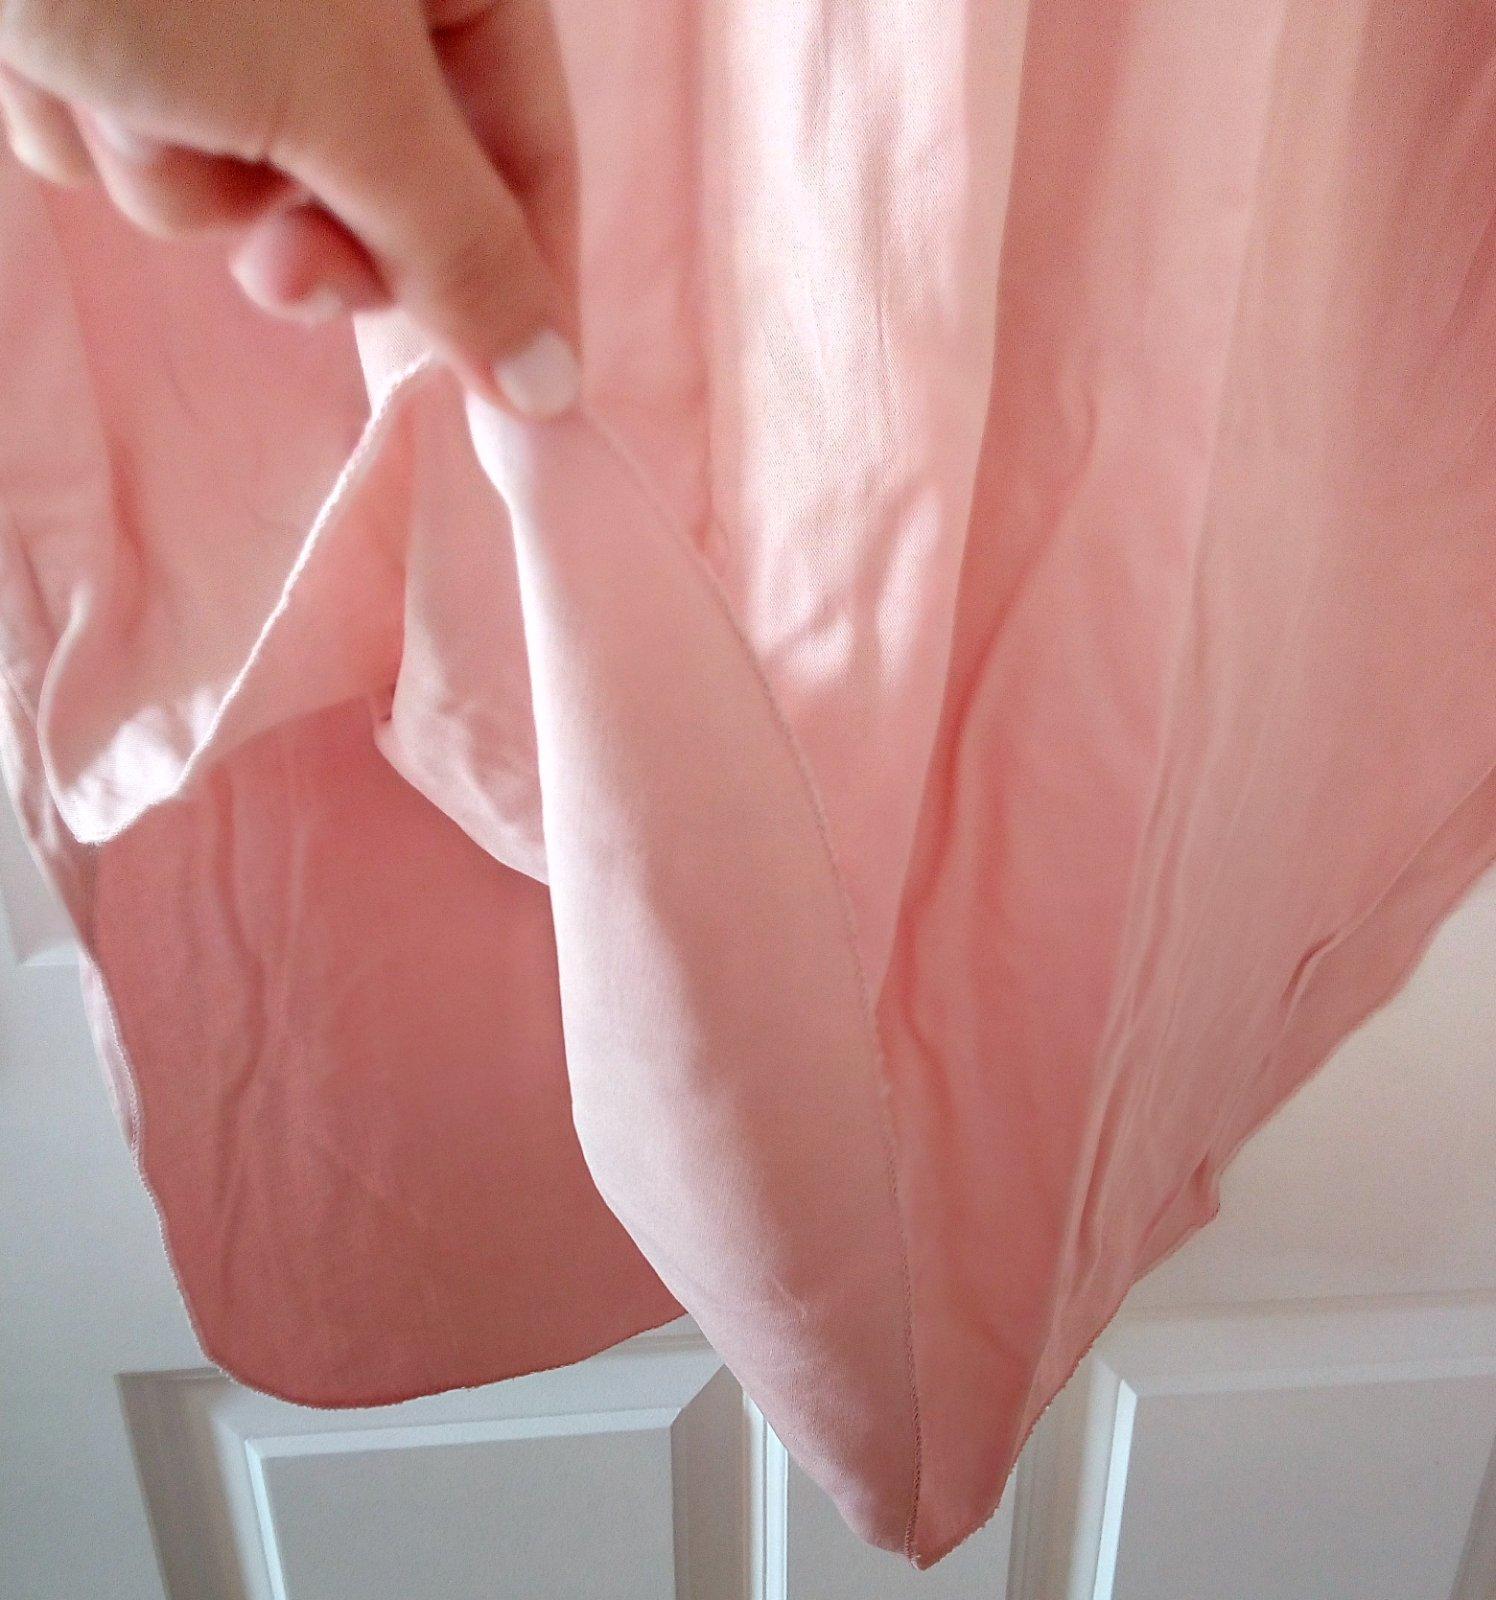 Bledoružové šaty univeľkosť - Obrázok č. 3